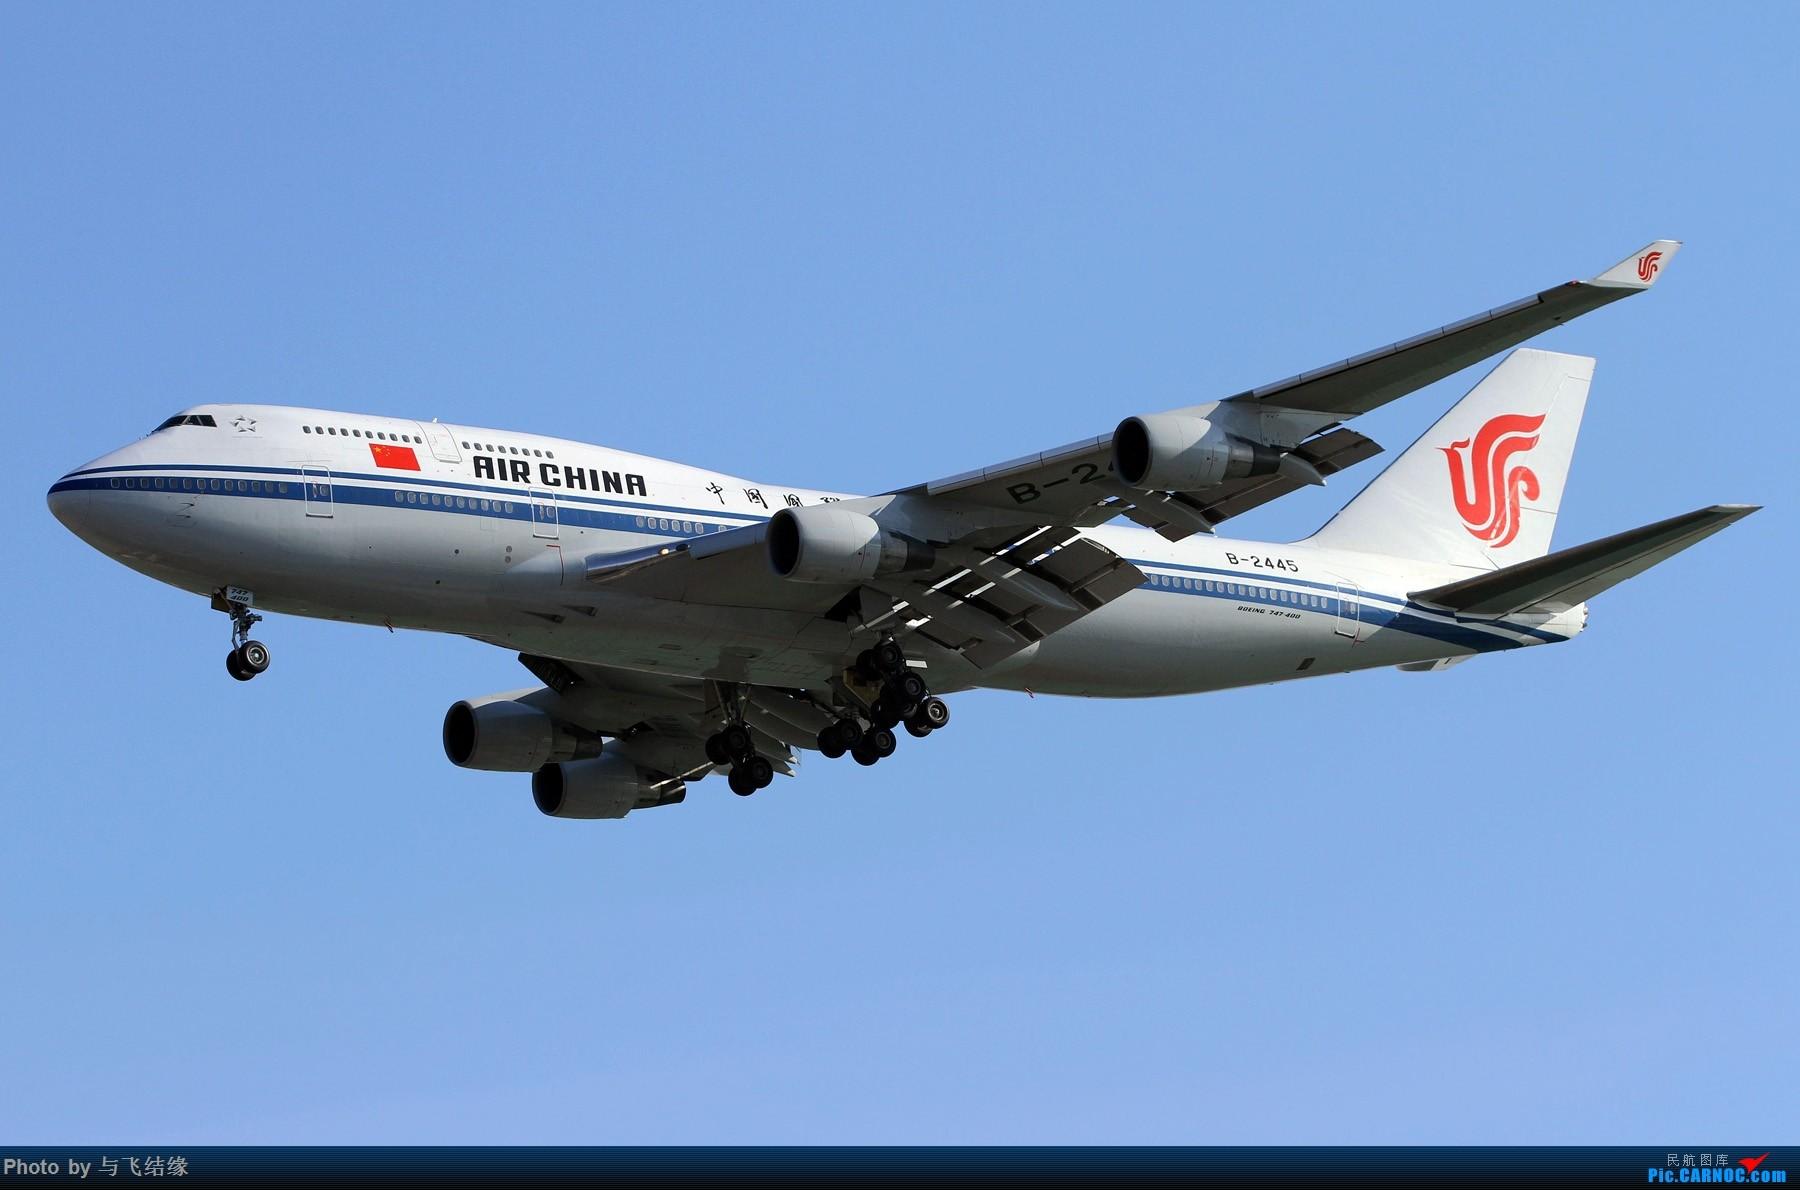 [原创]十二月十号天气不错,楼了几张拙作出来露个脸发一下。 BOEING 747-400 B-2445 中国北京首都国际机场